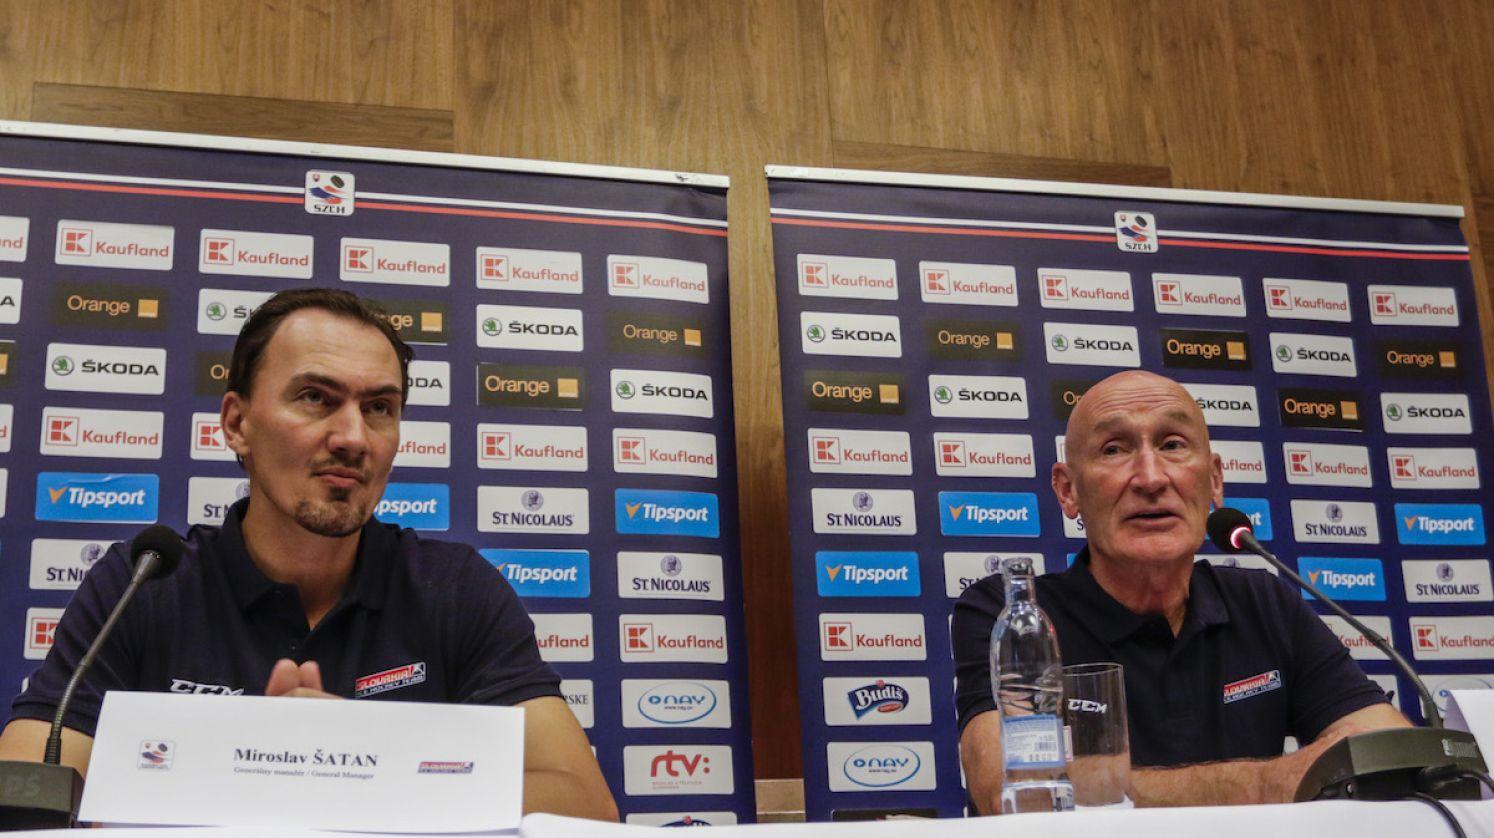 Slovenská hokejová olympijská nominácia je plná prekvapení a nečakaných mien. Slovan dostal košom.